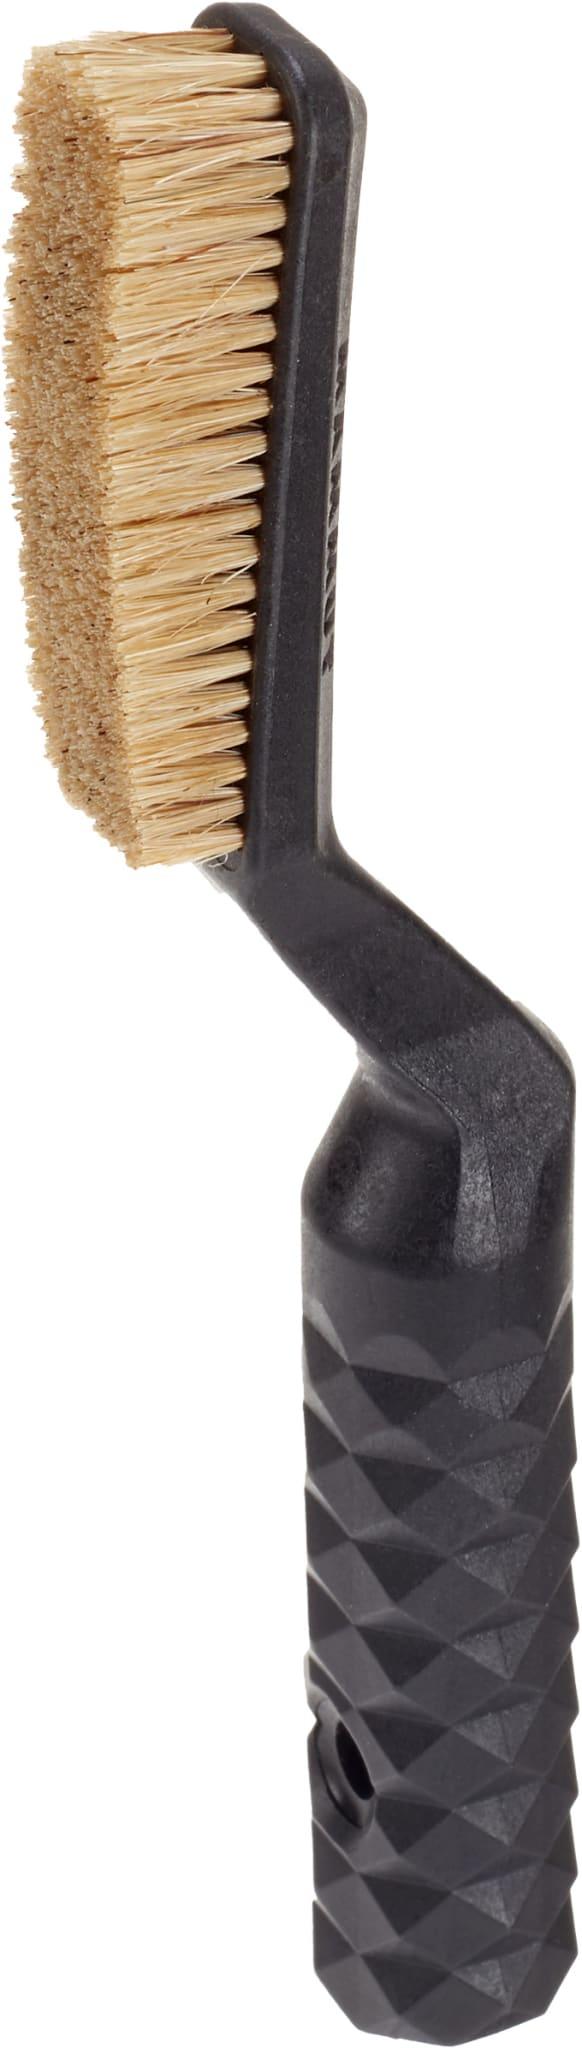 Crimper Brush